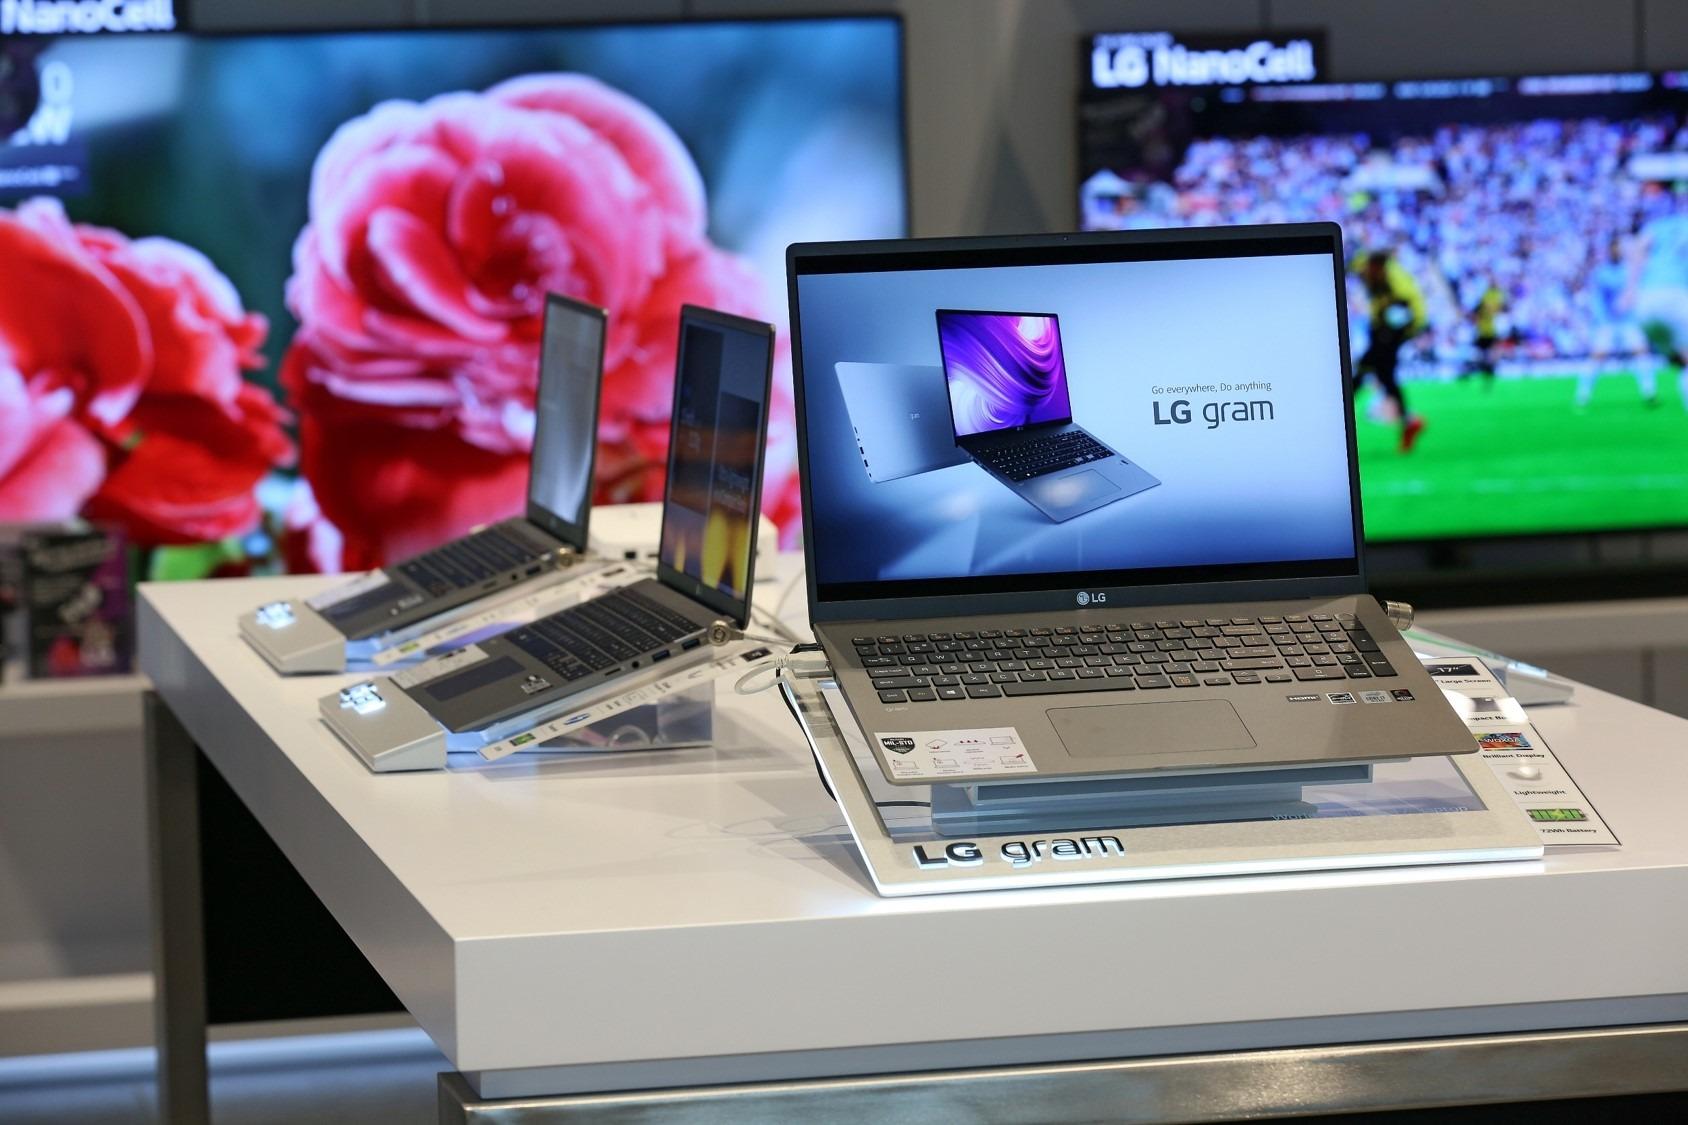 LG ma już zwijany telewizor, teraz projektuje laptopa